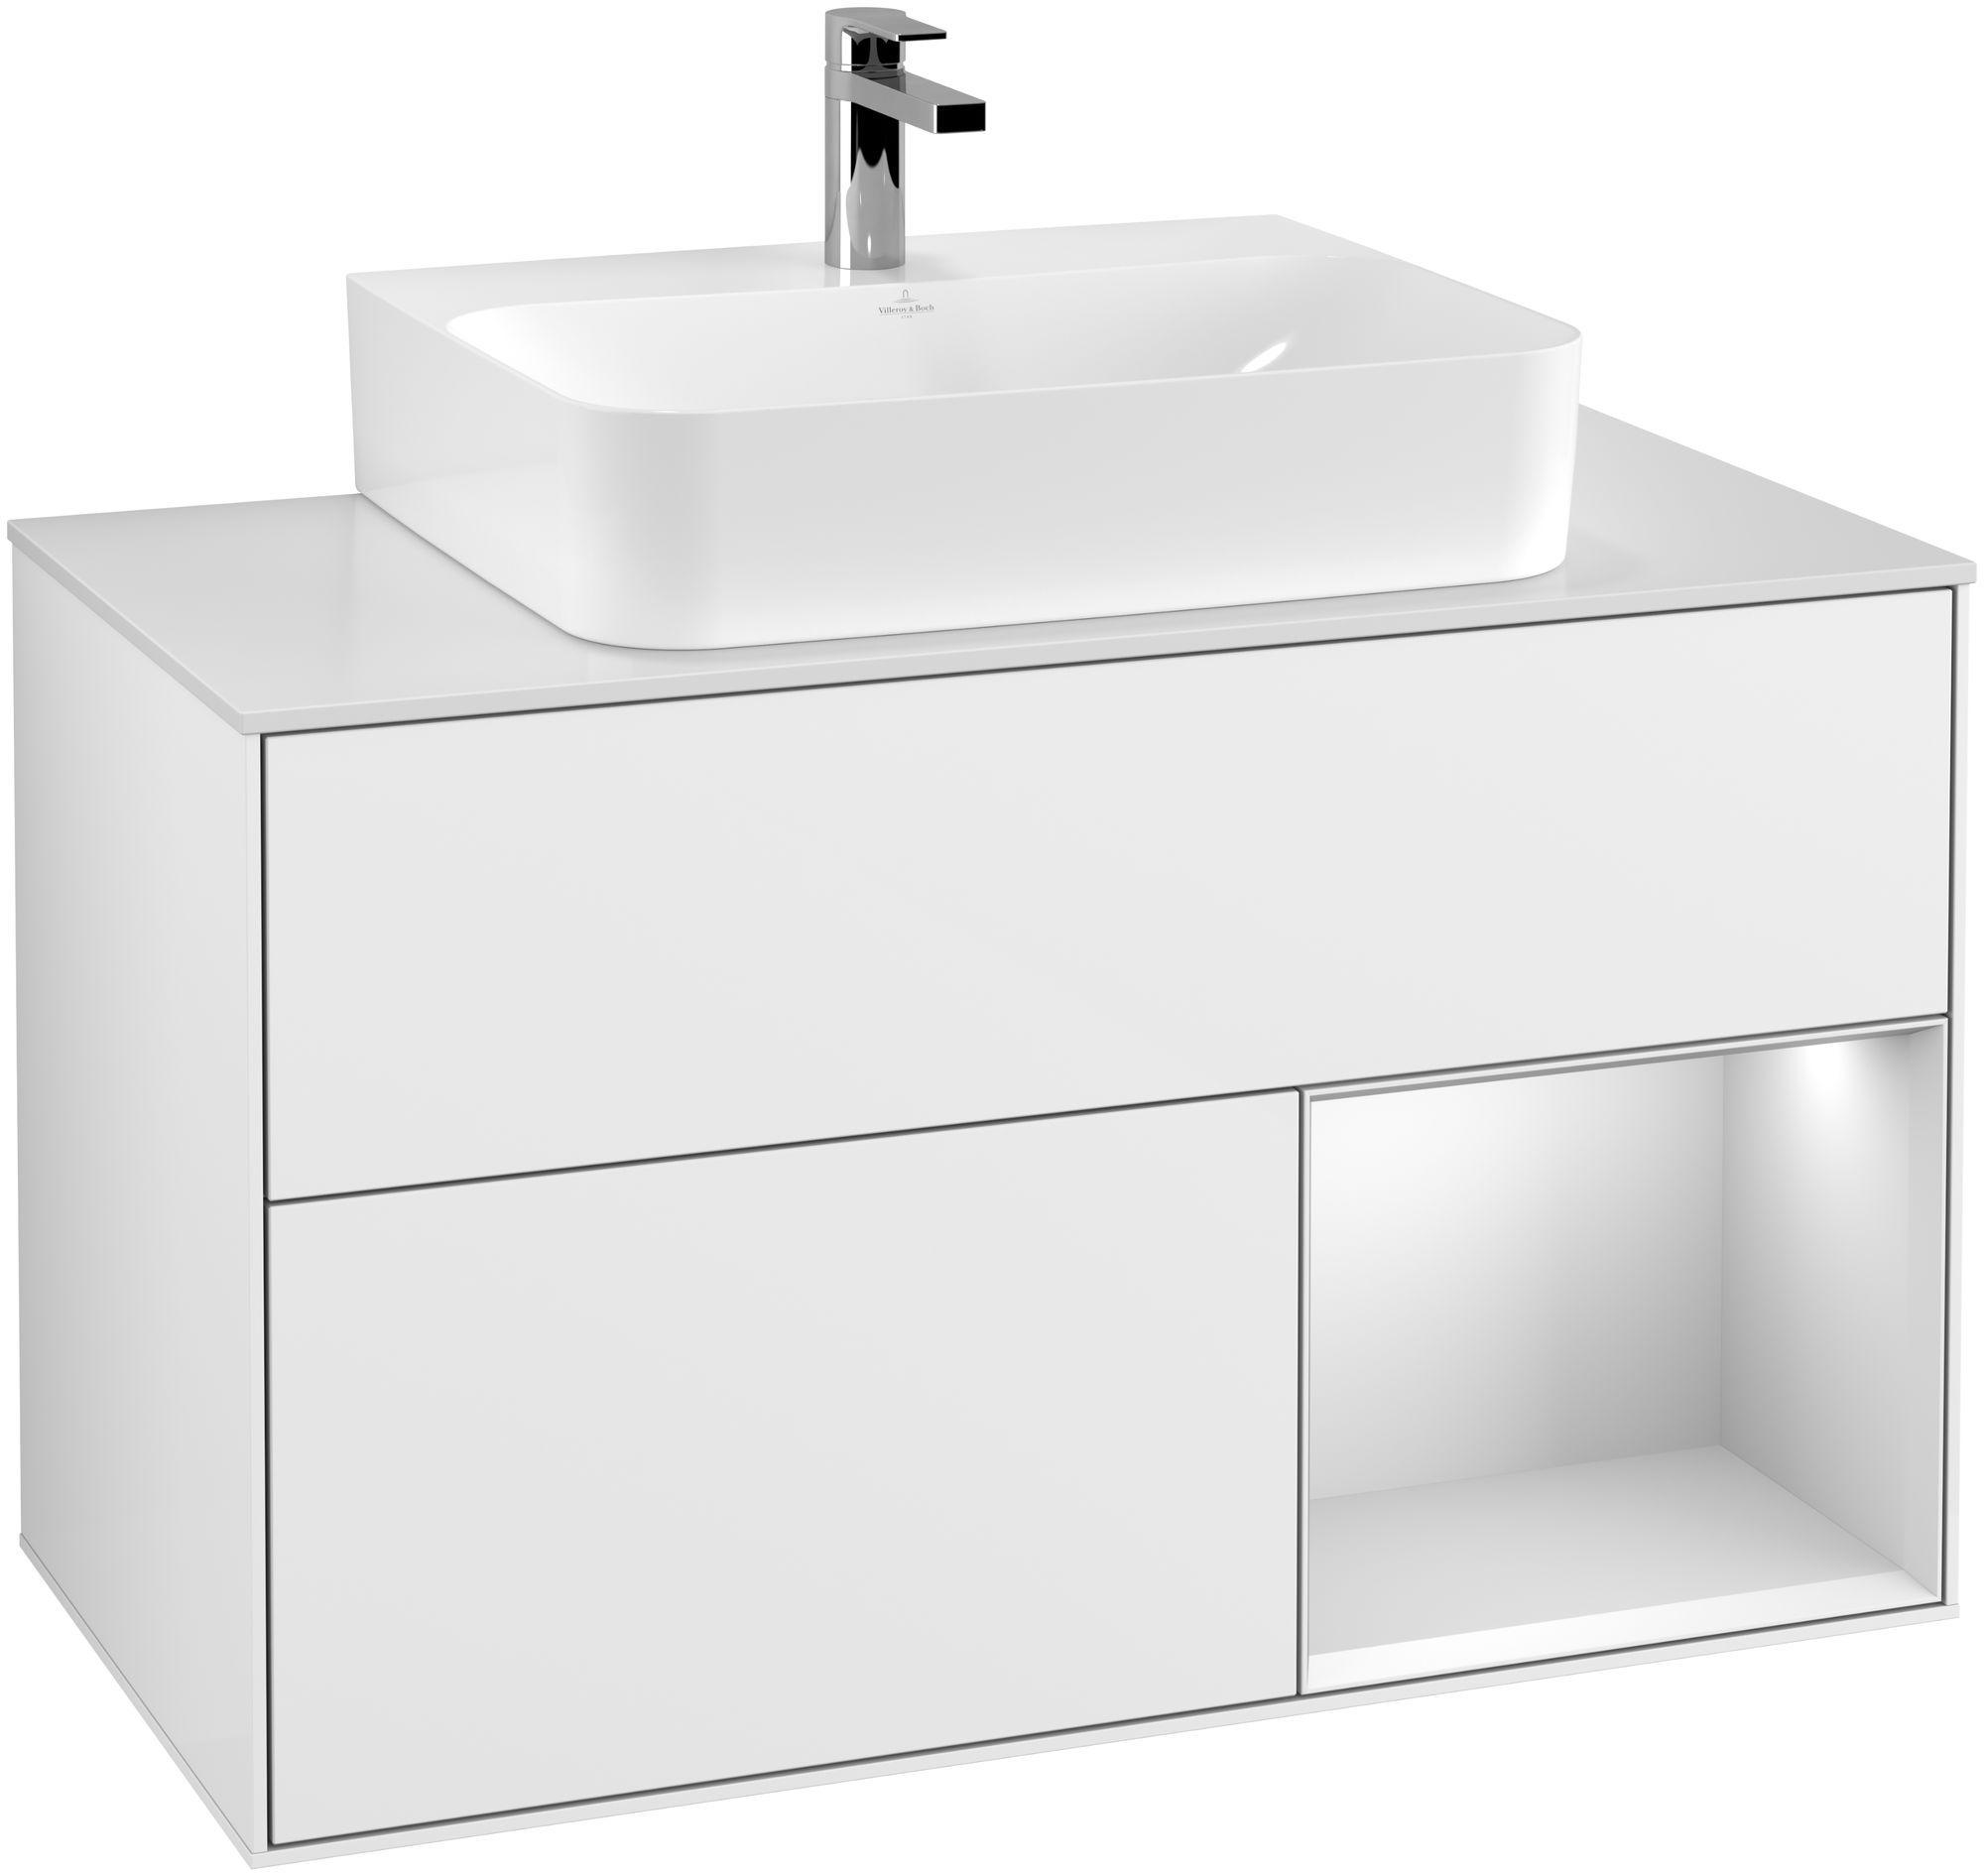 Villeroy & Boch Finion F12 Waschtischunterschrank mit Regalelement 2 Auszüge für WT mittig LED-Beleuchtung B:100xH:60,3xT:50,1cm Front, Korpus: Glossy White Lack, Regal: Weiß Matt Soft Grey, Glasplatte: White Matt F121MTGF